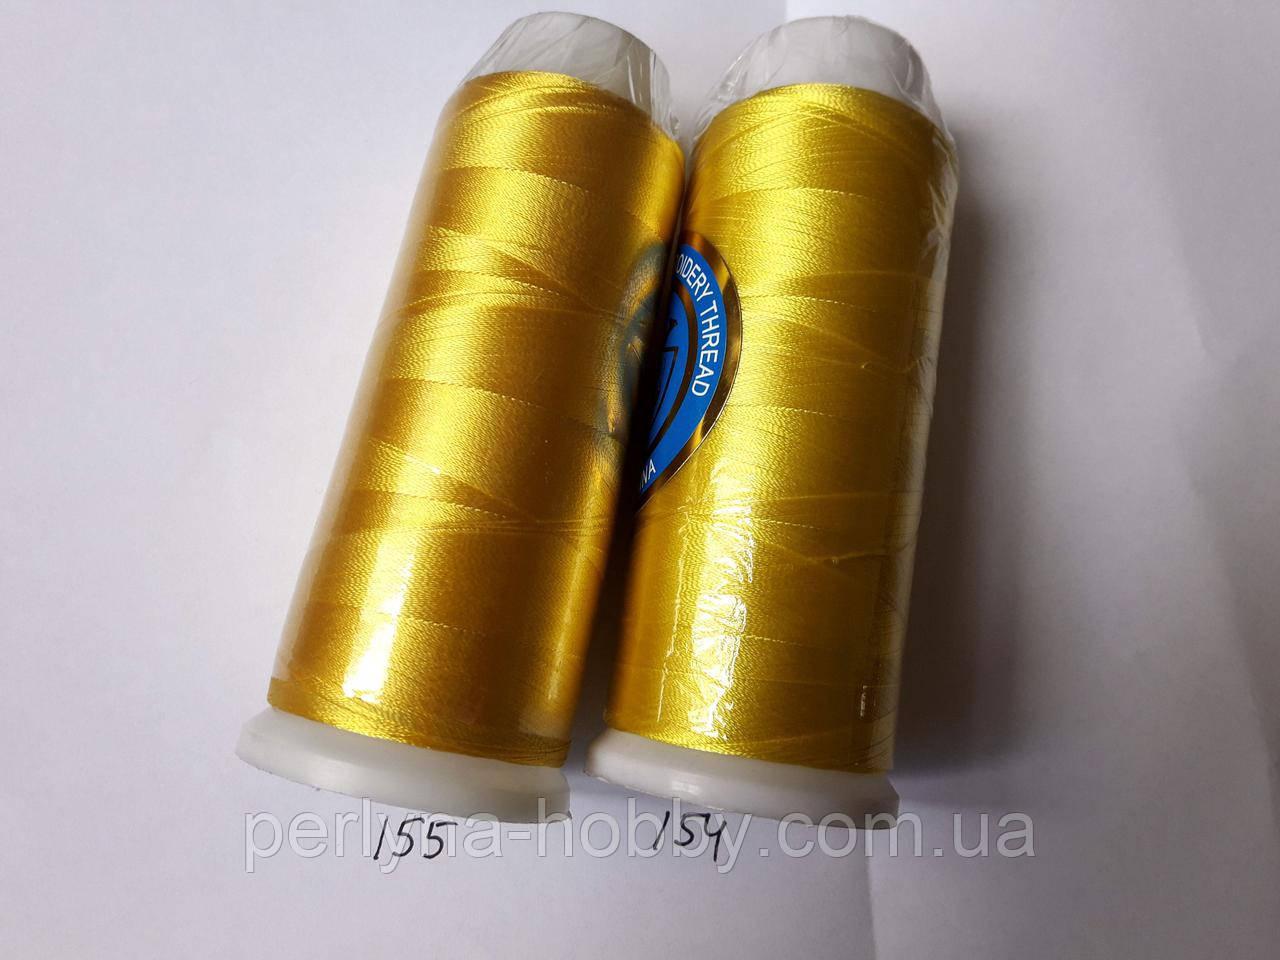 Нитки для машинної вишики 100% віскоза (100% rayon) 3000 ярдів, №154, жовтий